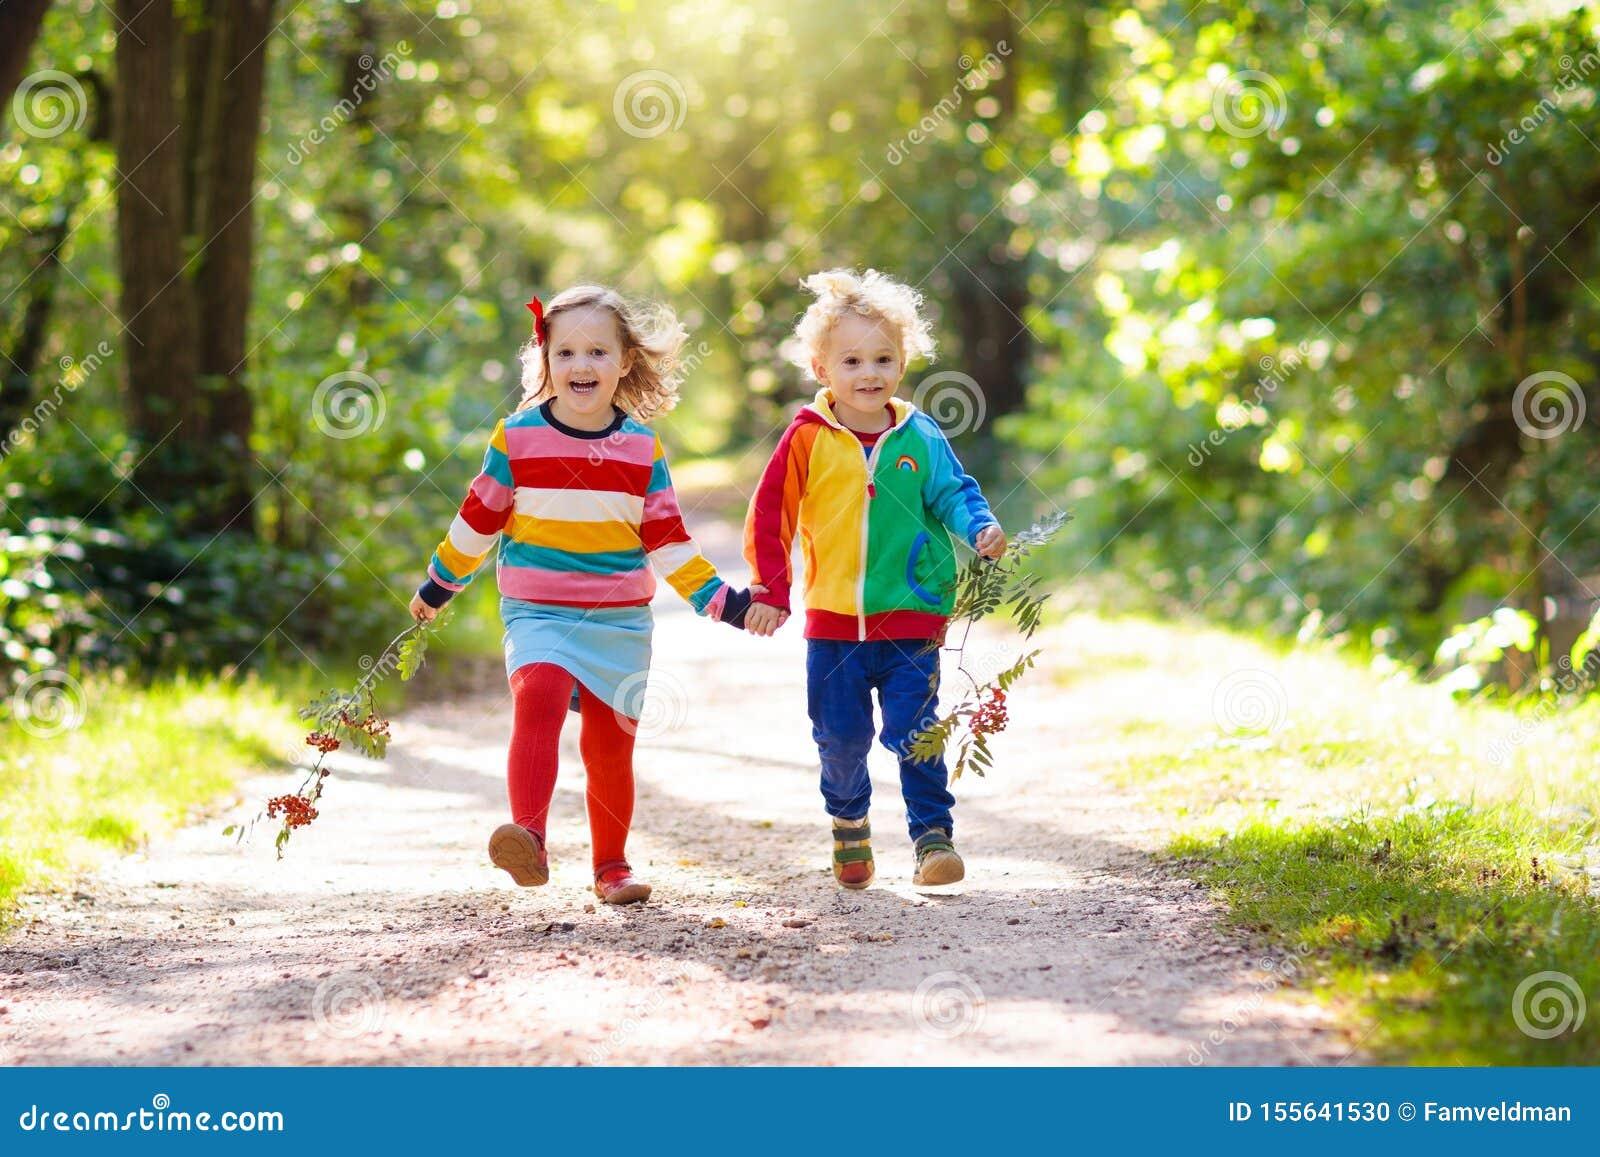 Дети играют в парке осени